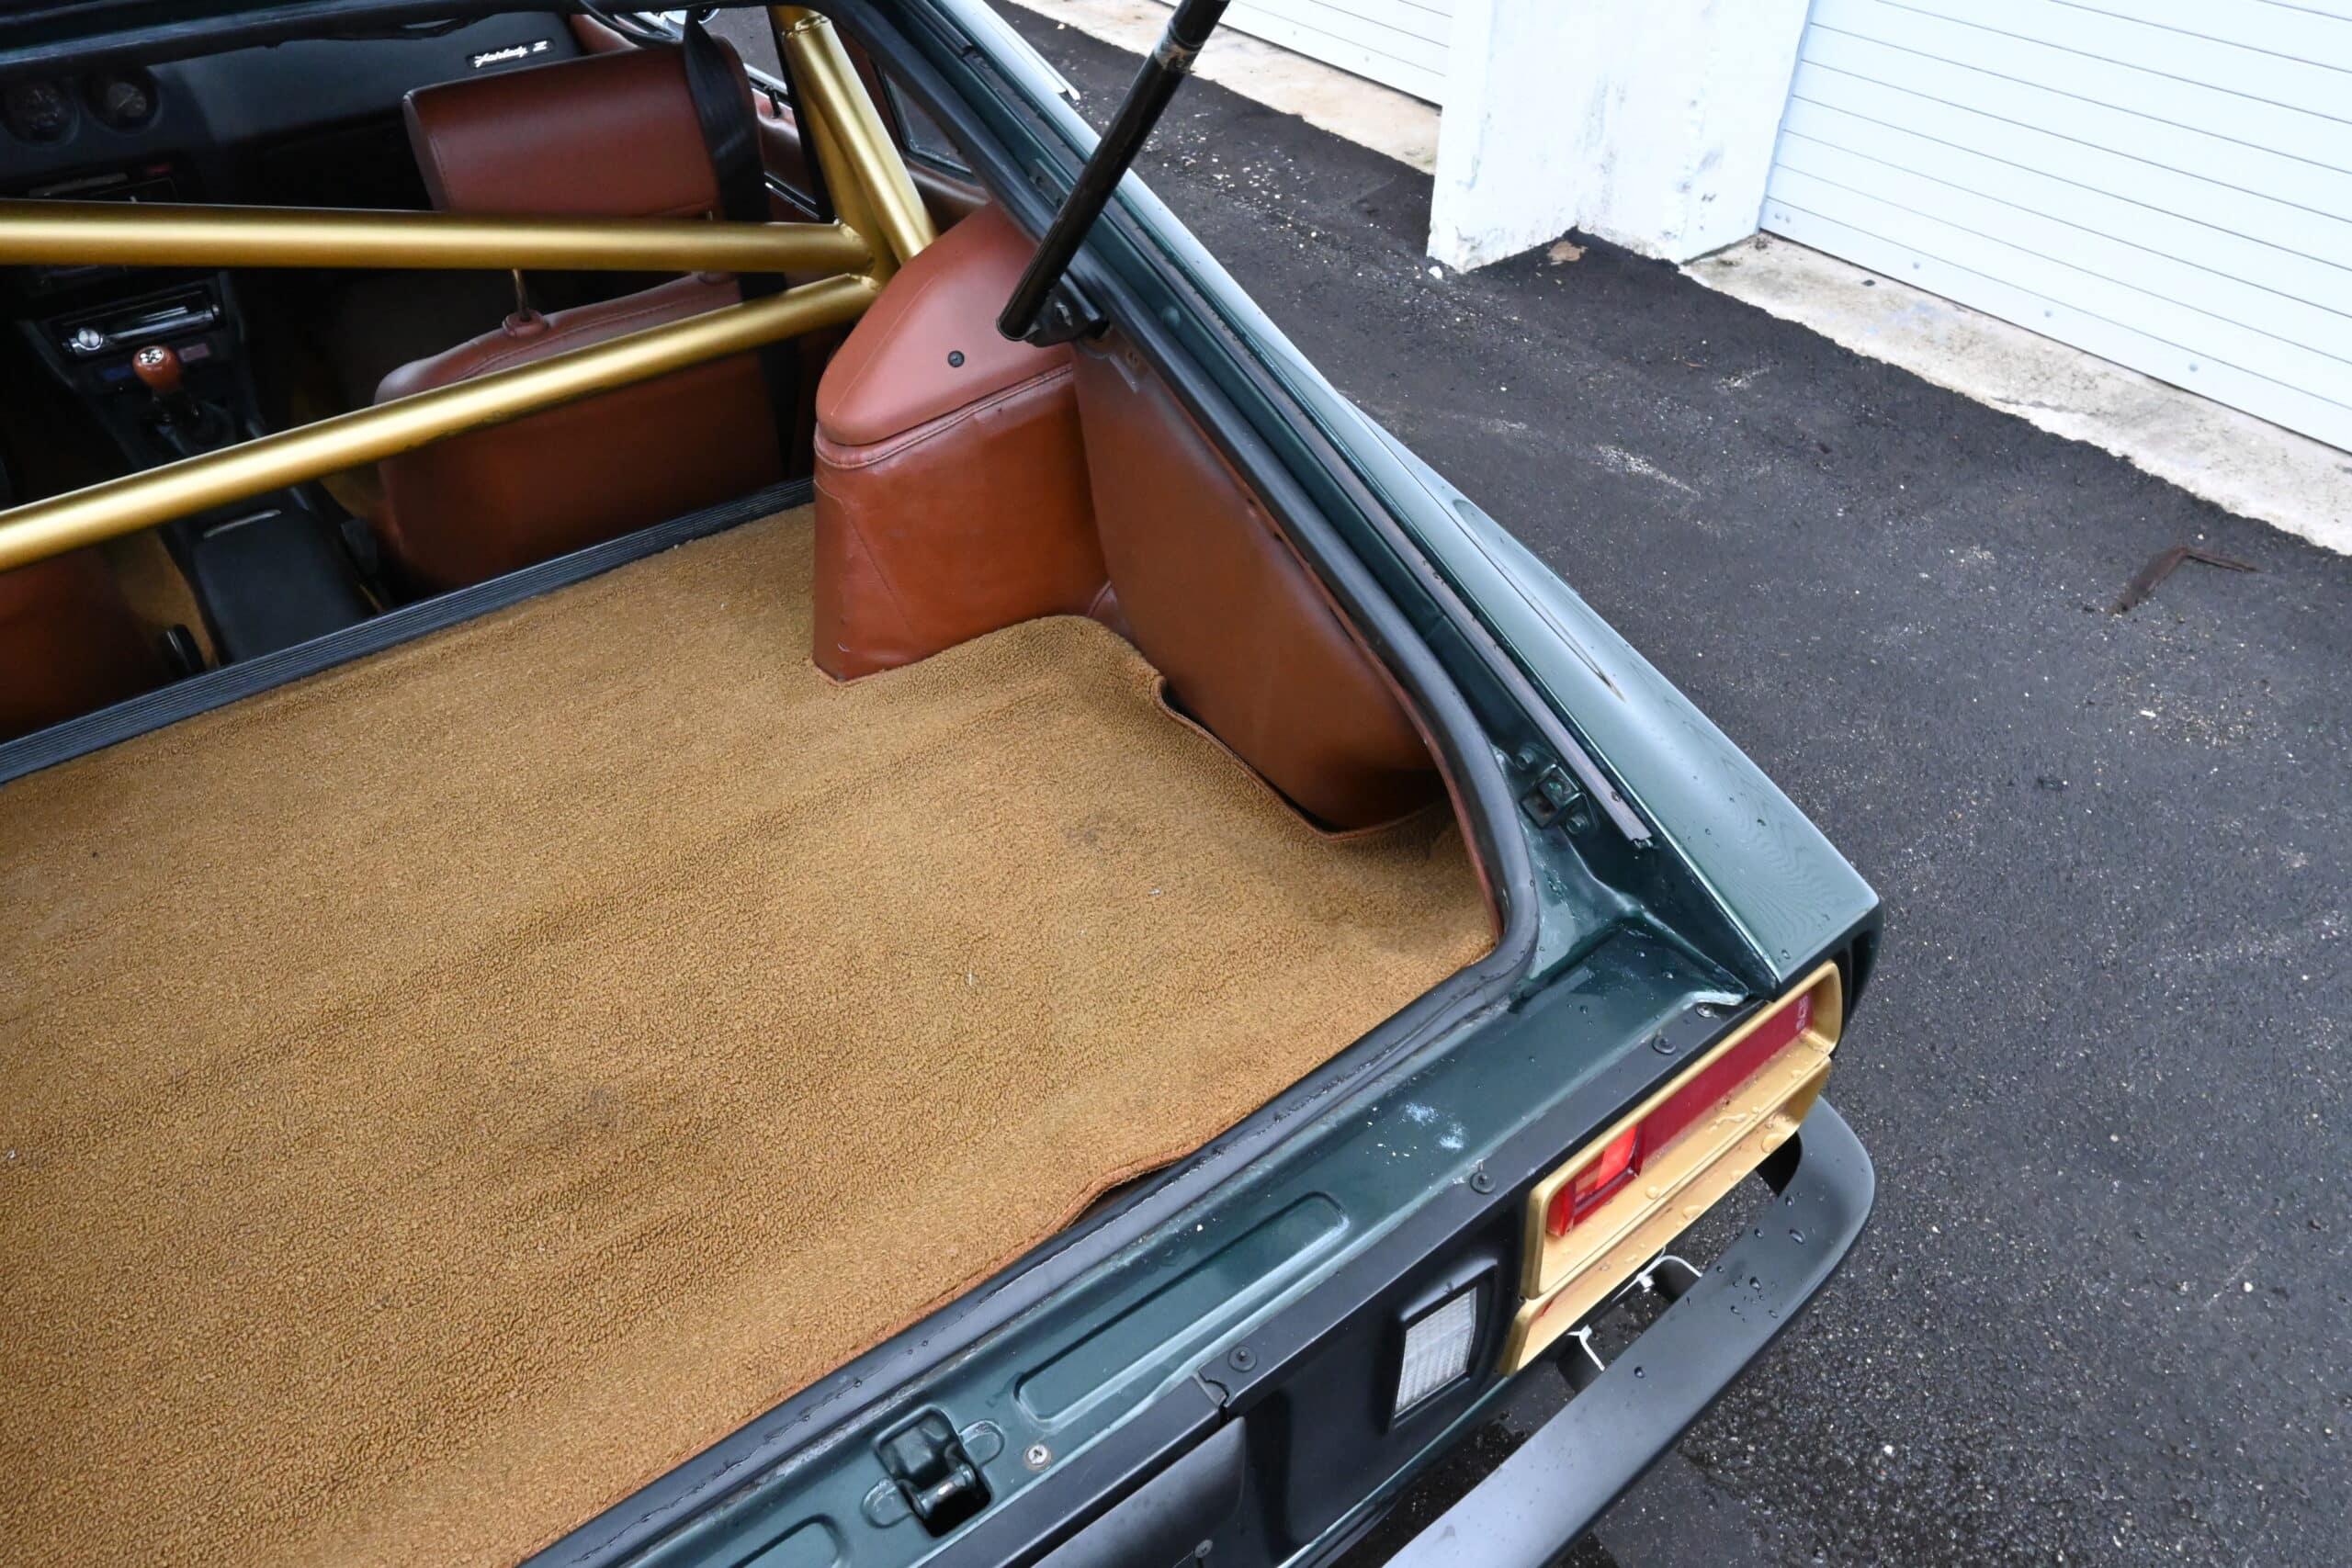 1977 Datsun 280Z 5 Speed Manual -Vintage Bucket Seats- Half Cage- Adjustable Suspension- Cold AC